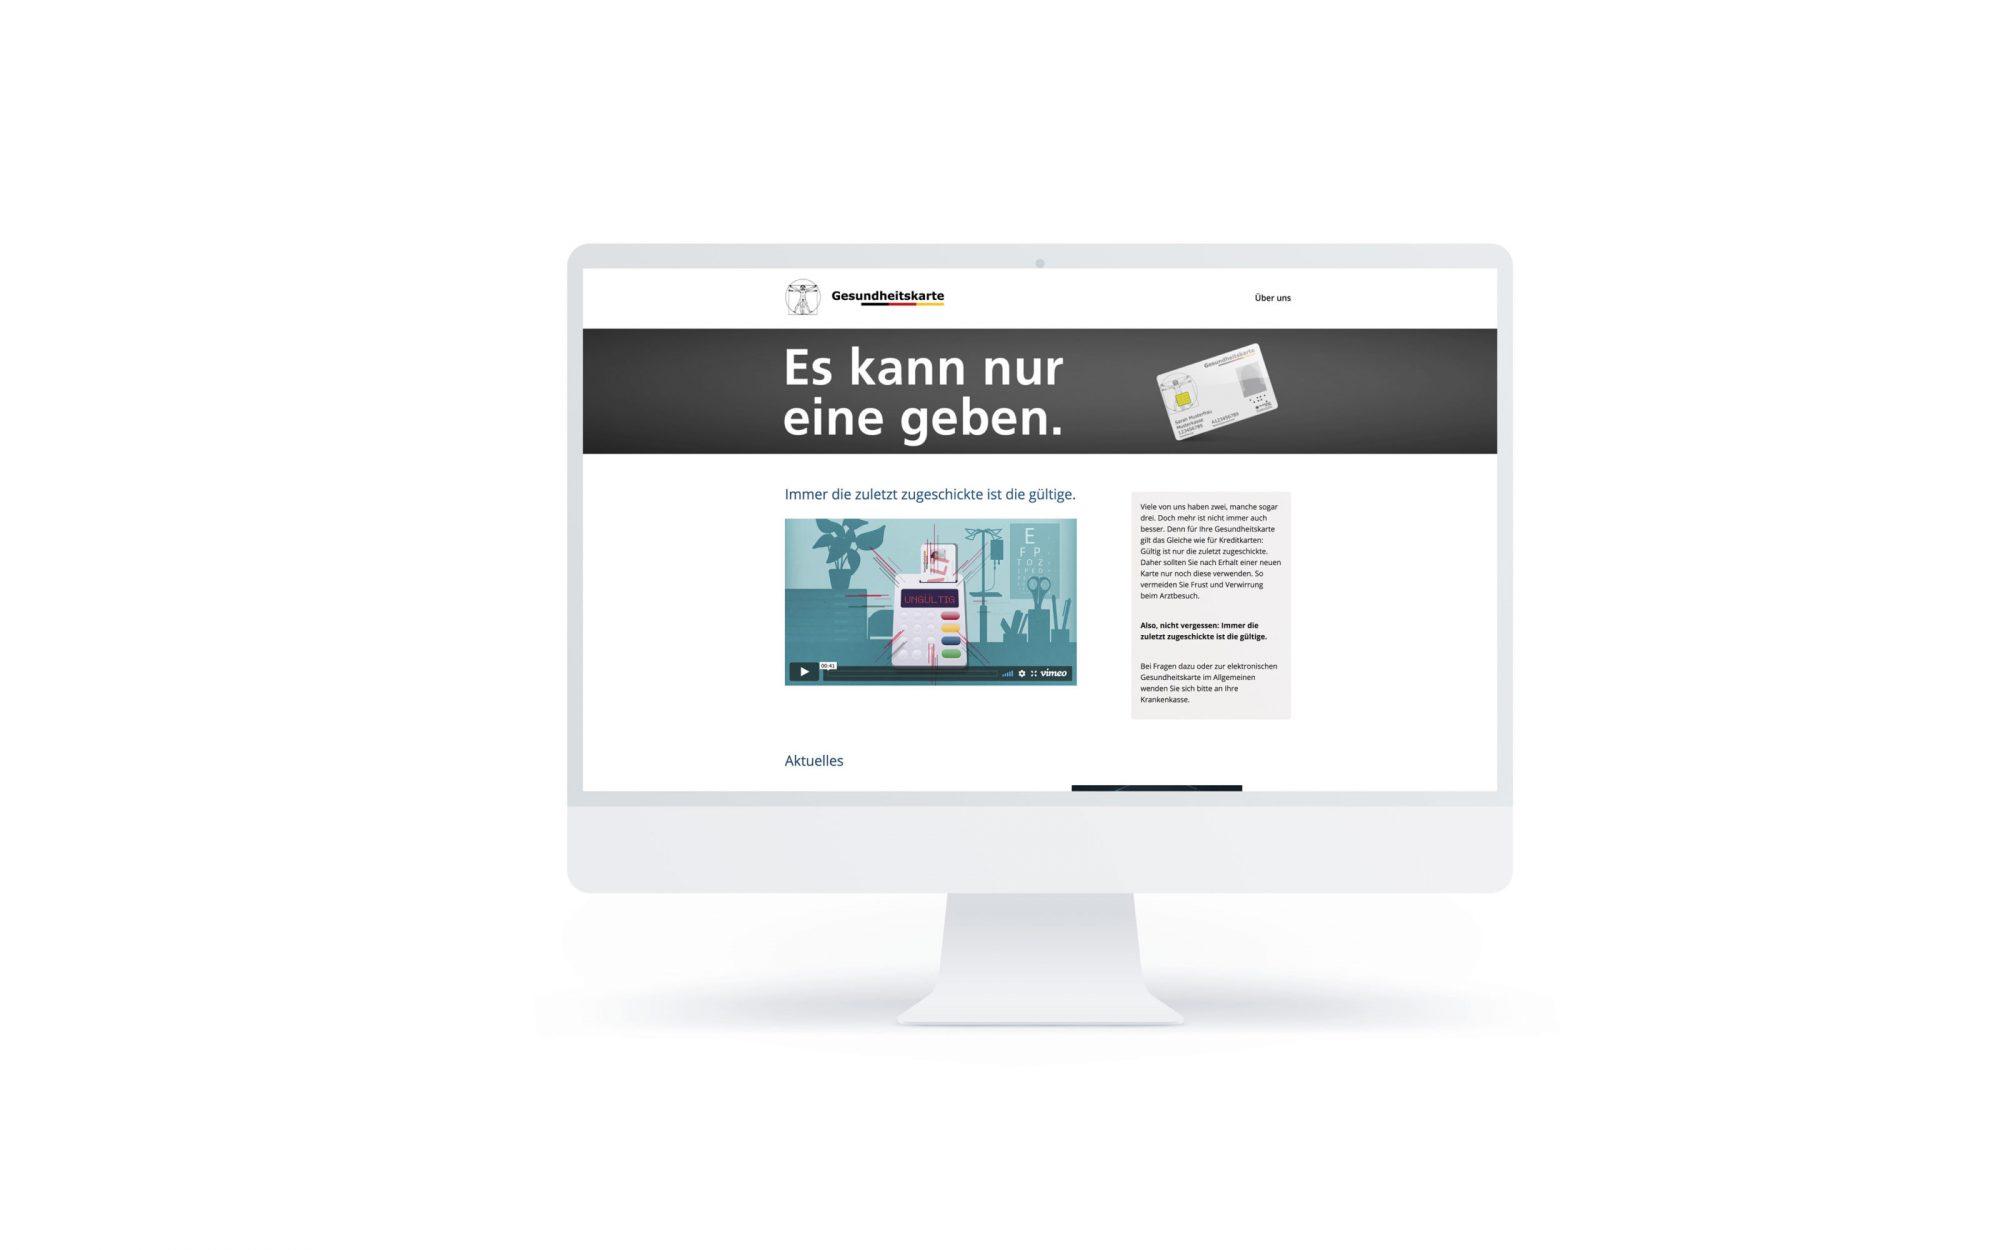 gematik-GRACO-Awareness Kampagne-Website-2